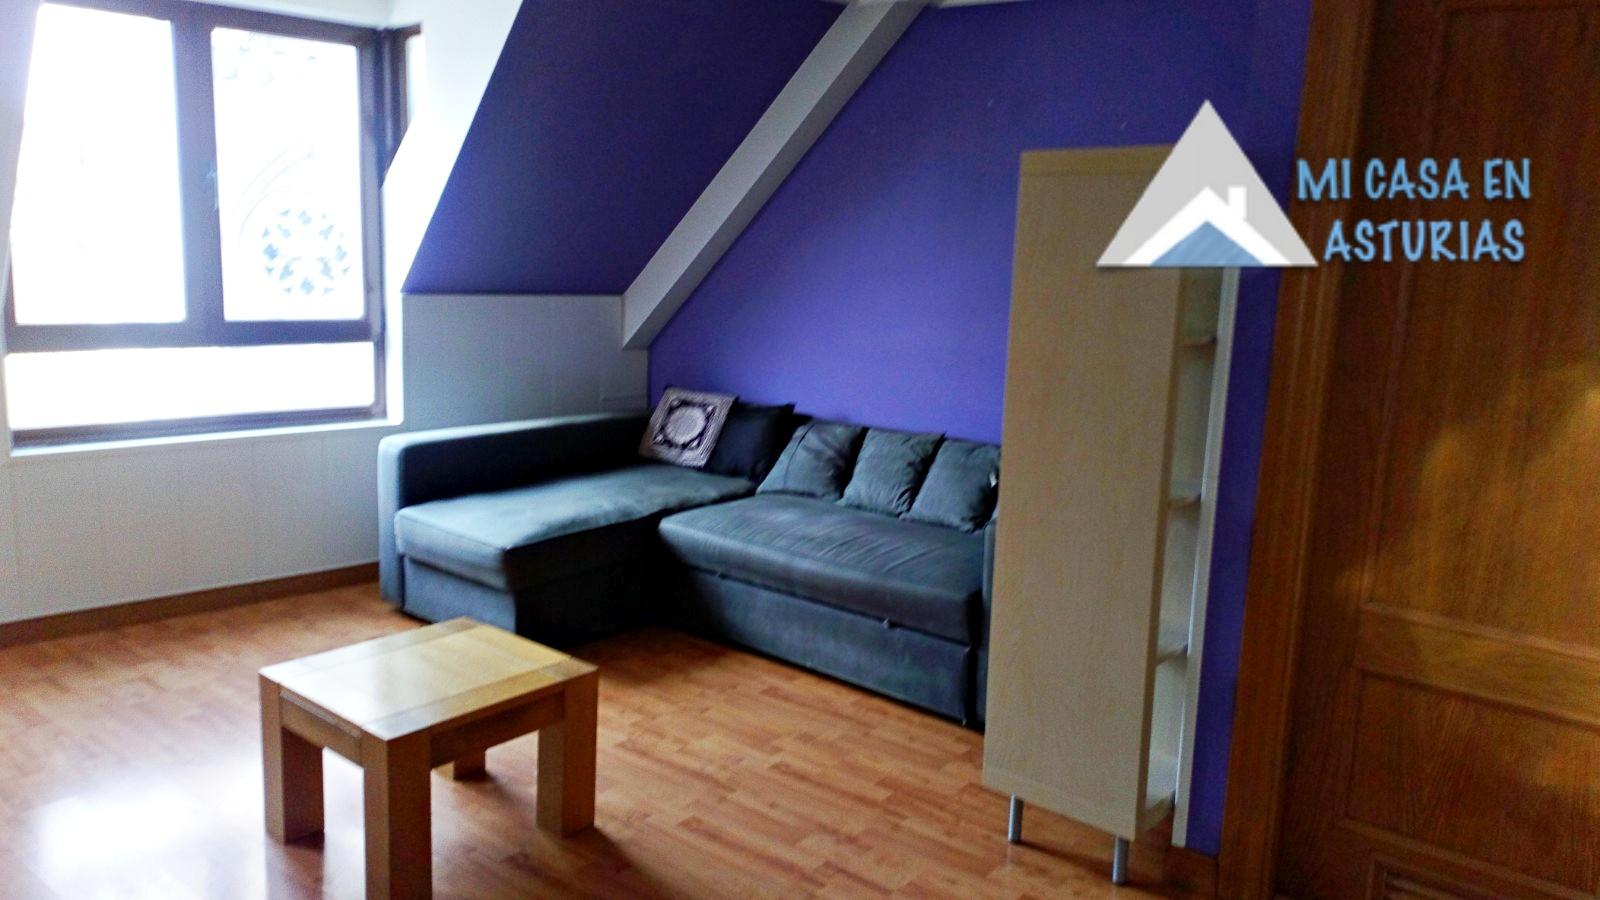 Alquiler de piso en bajo cubierta, amueblado y exterior. Zona Salesas-Foncalada.